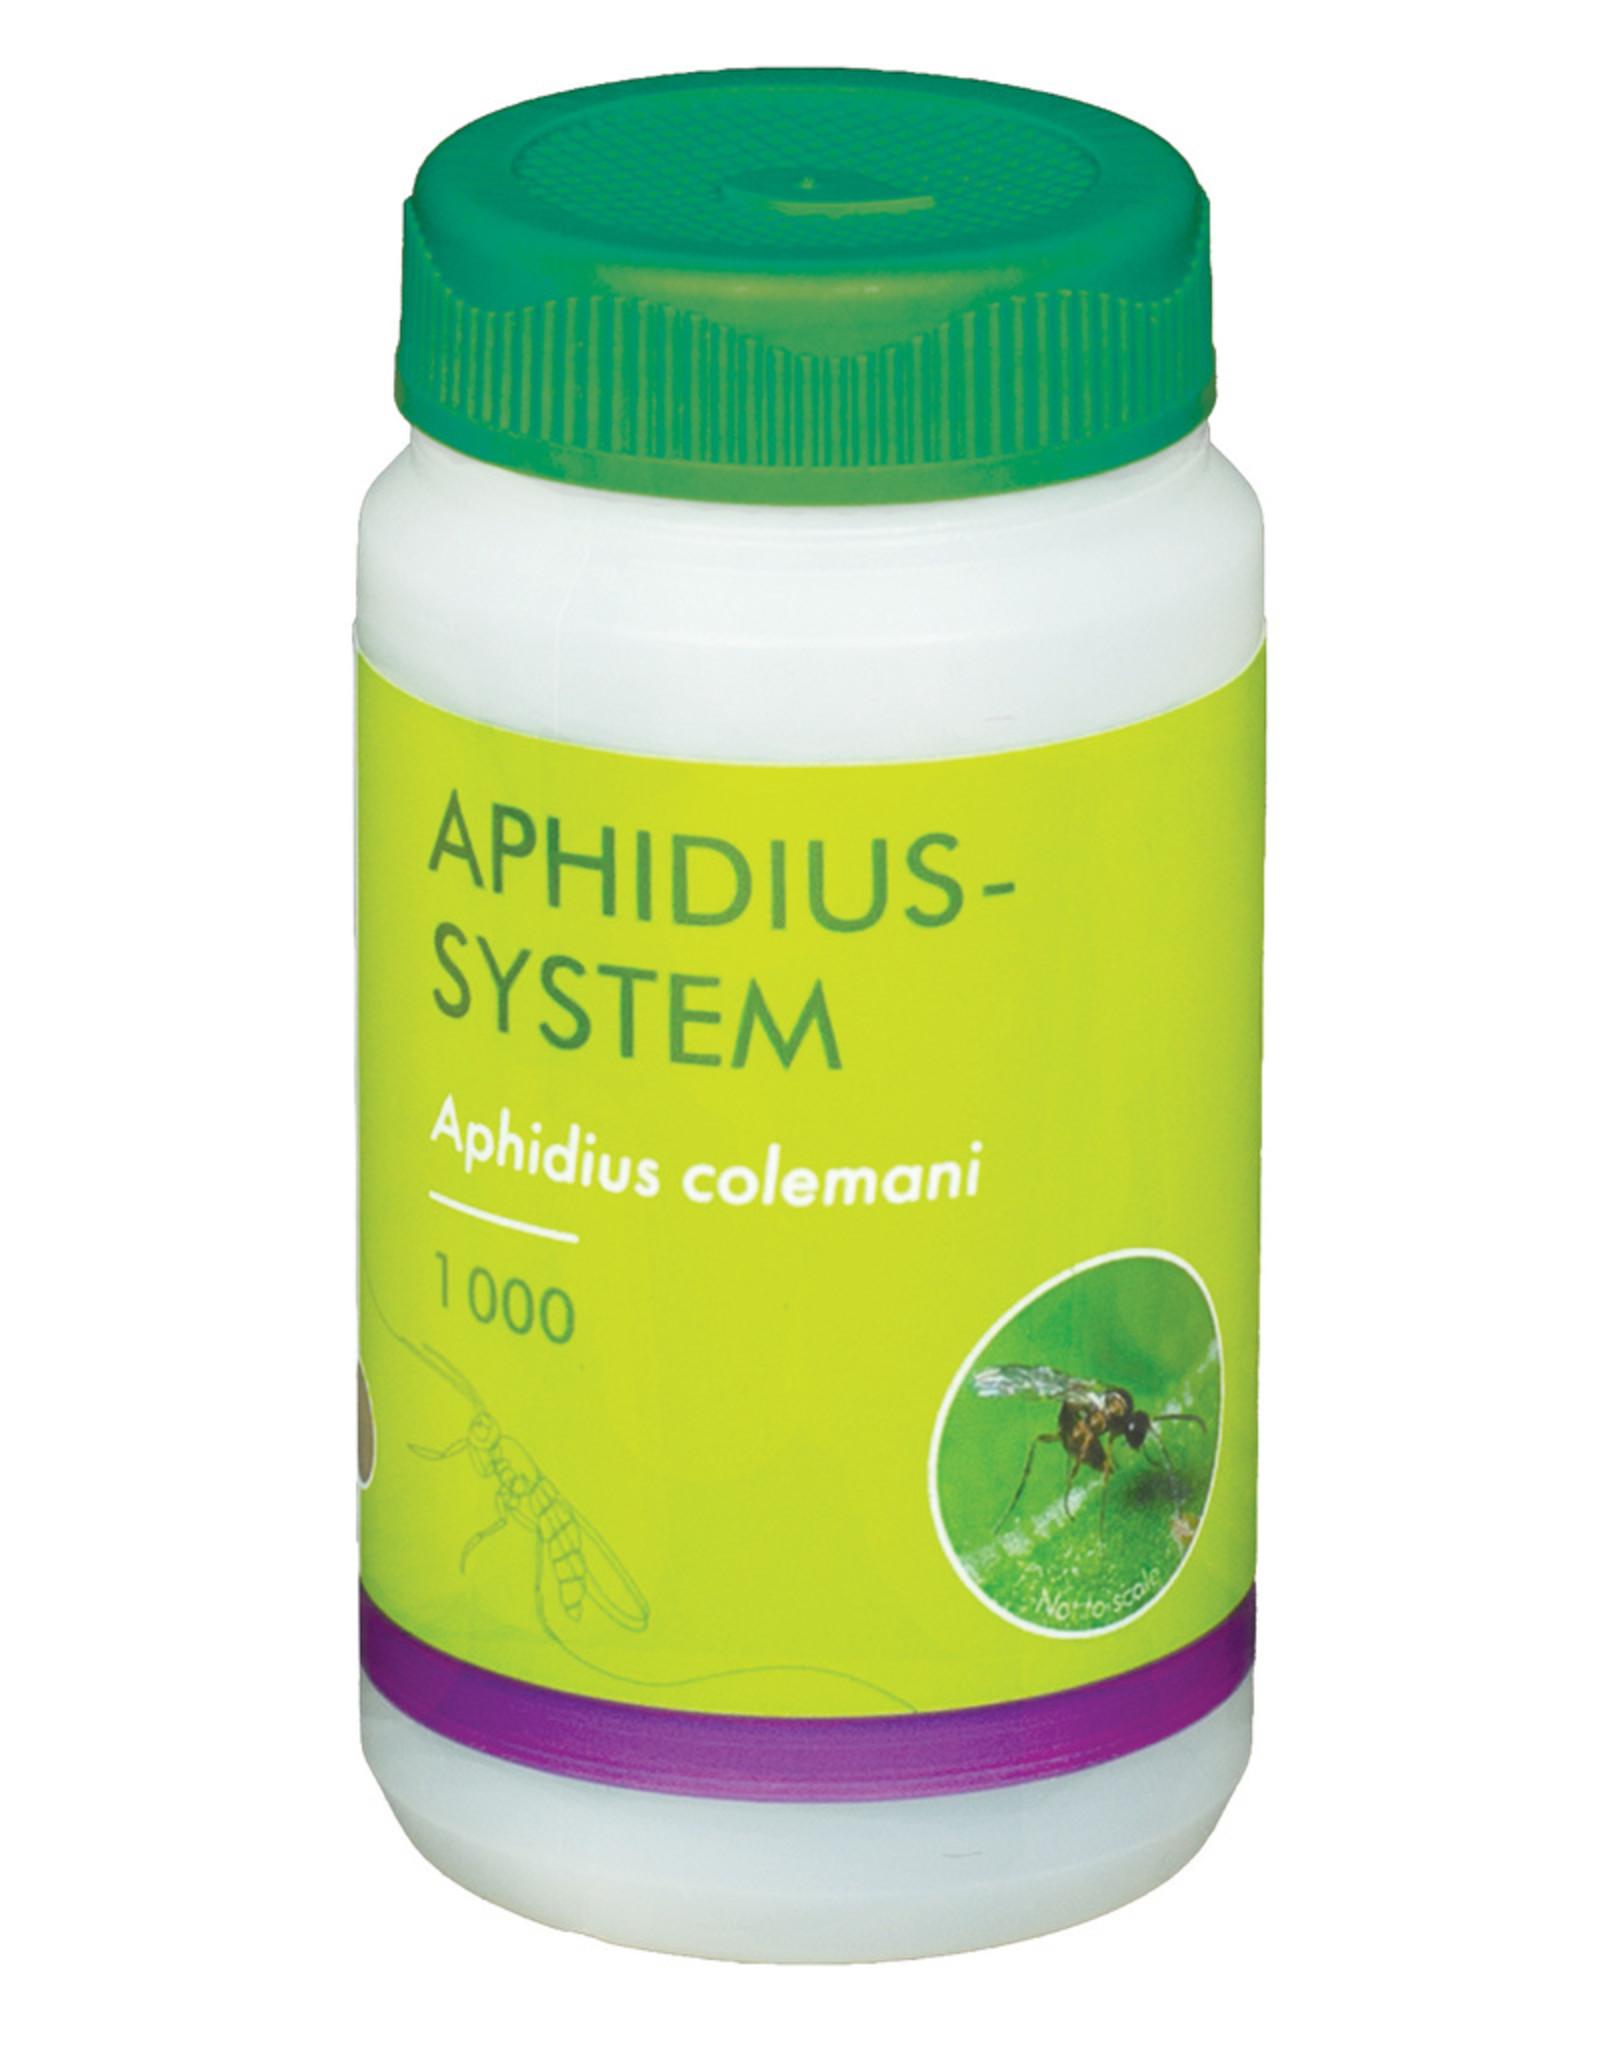 Brimex Biobest Aphidius System sluipwesp voor bestrijding bladluis, katoenluis en perzikluis